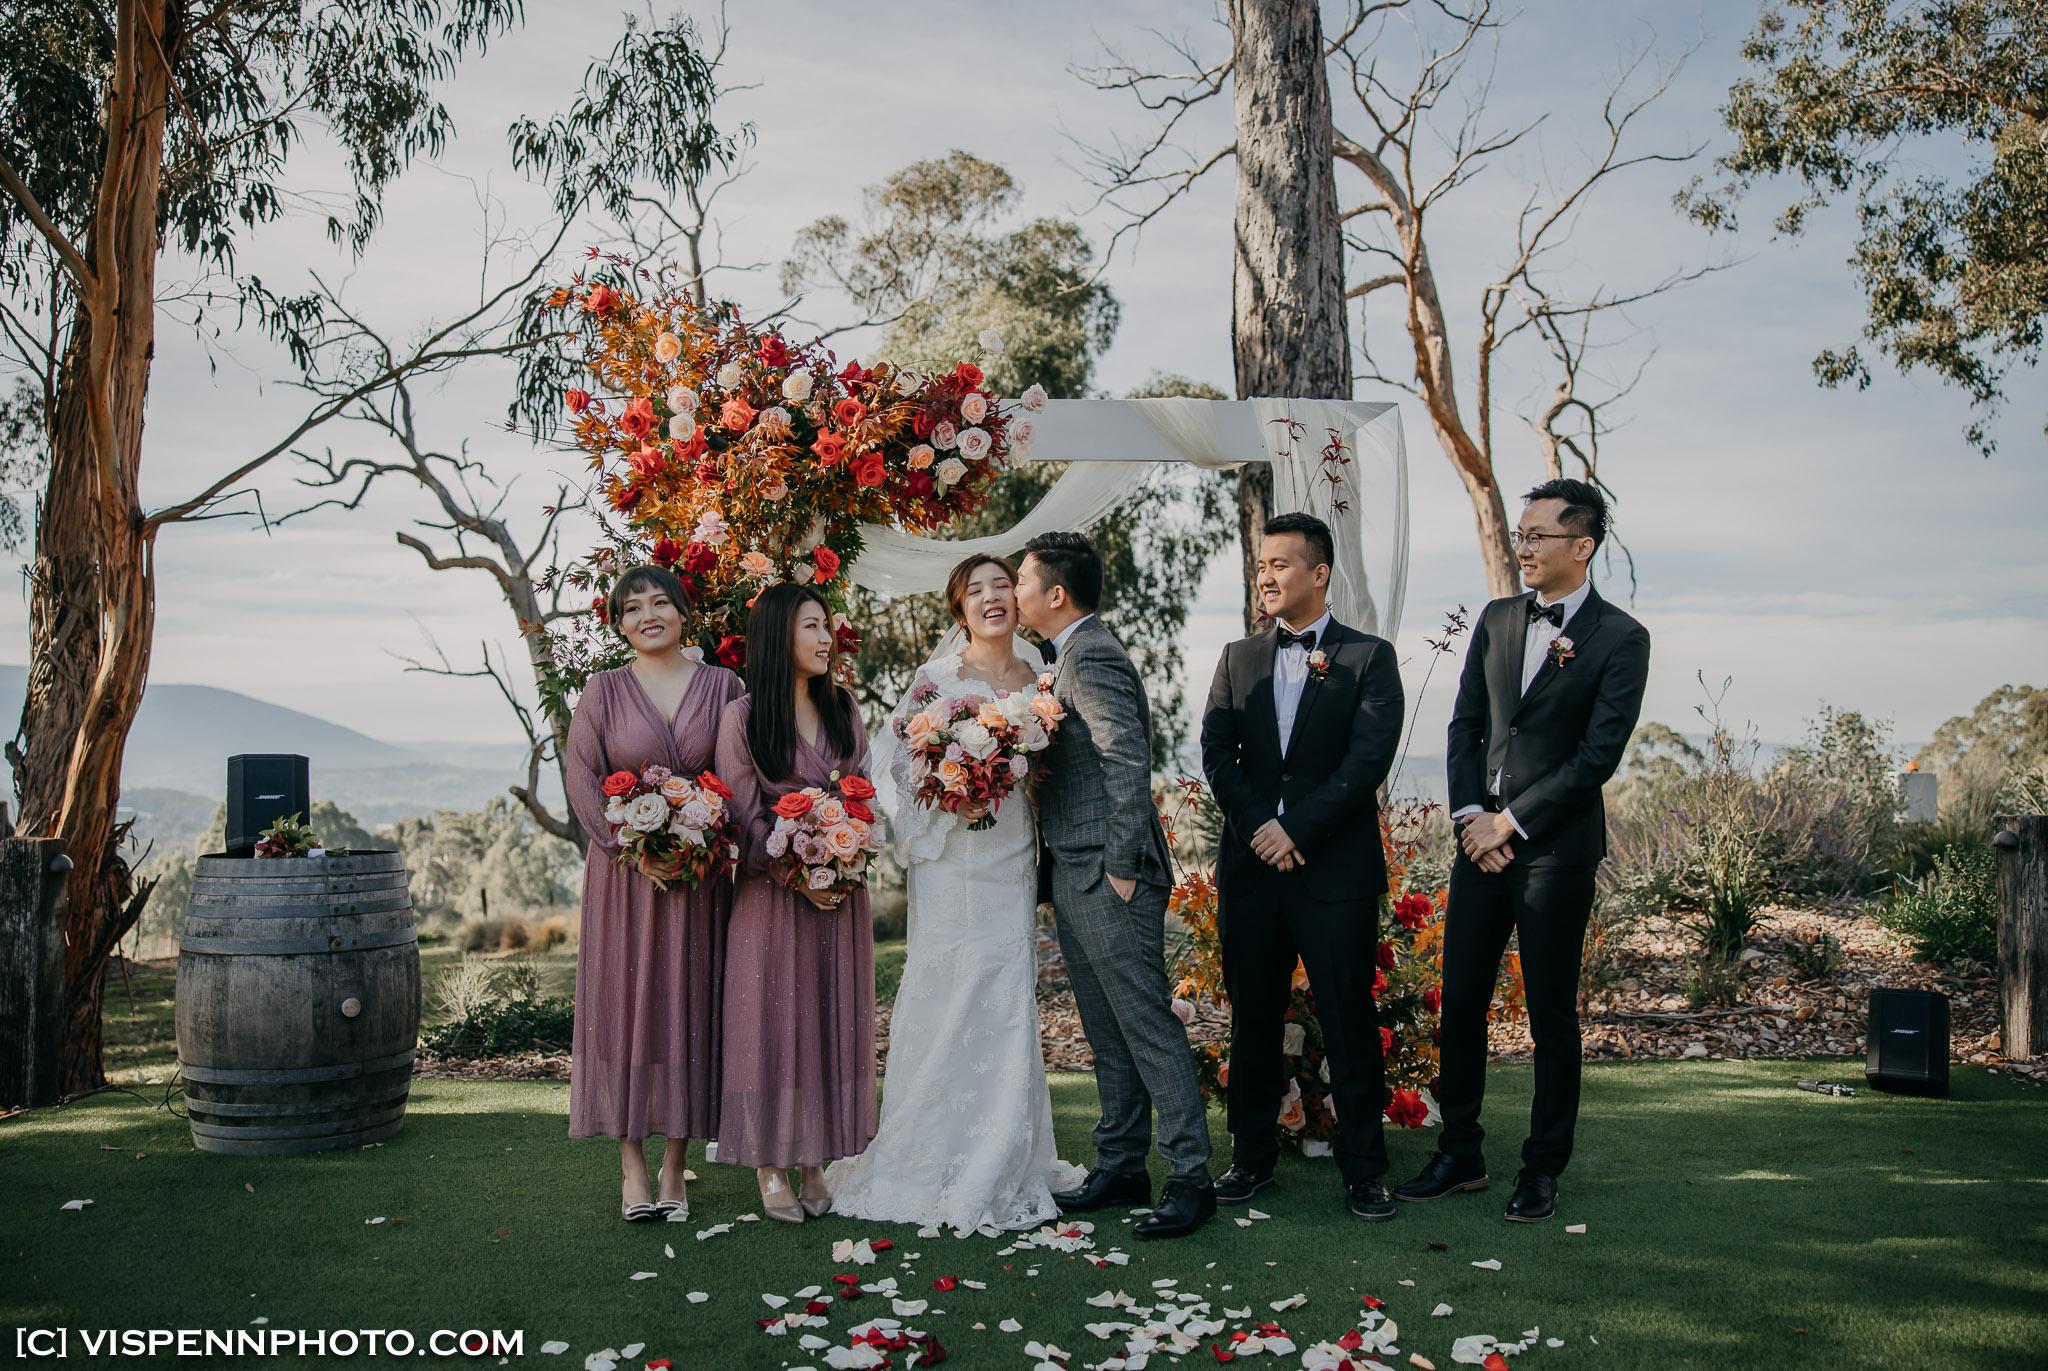 WEDDING DAY Photography Melbourne DominicHelen 1P 2833 EOSR ZHPENN